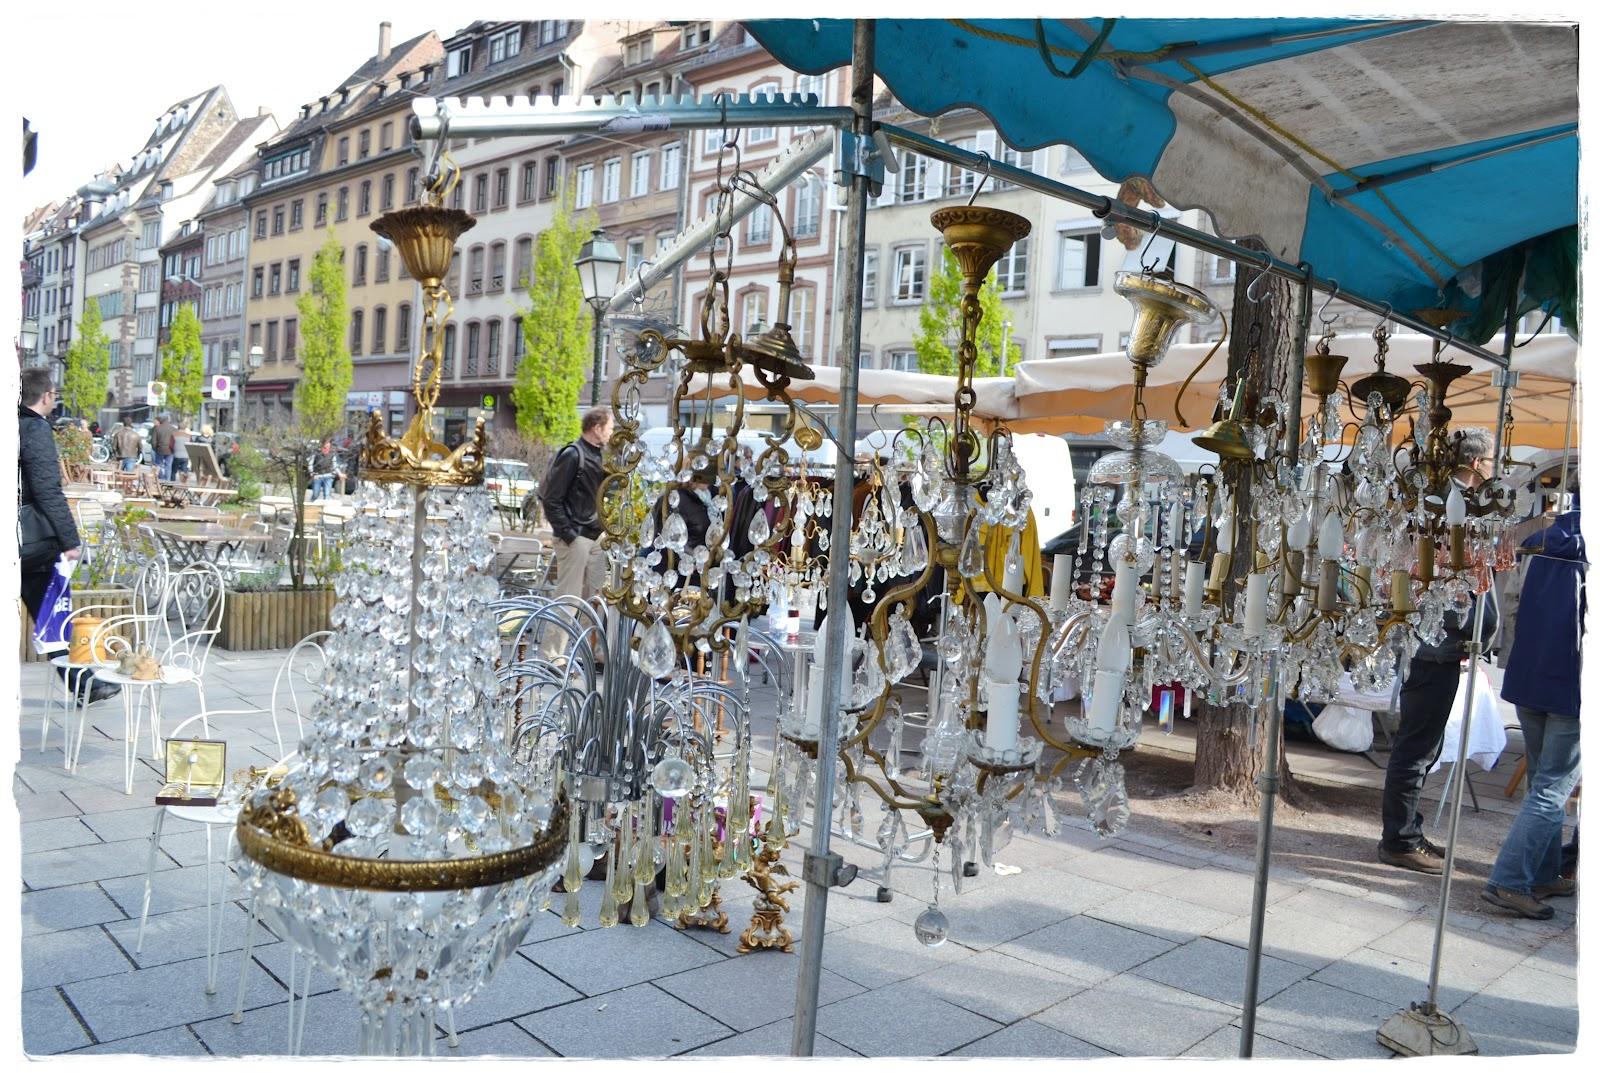 Möbel Strassburg mehrkuriosa strassburg